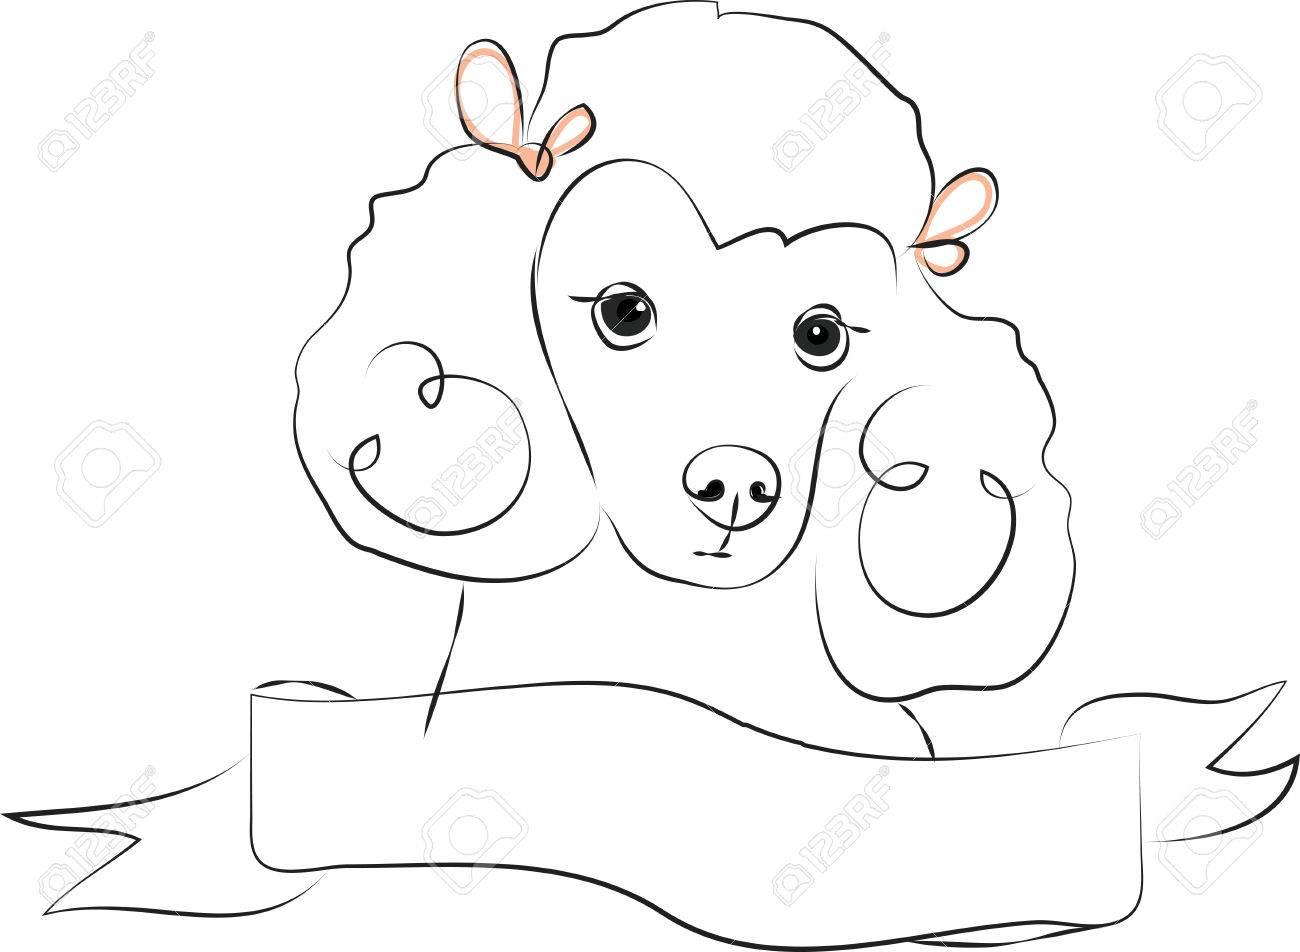 Un Regalo Perfecto Para Los Amantes Del Perro. Escoja Los Diseños De ...